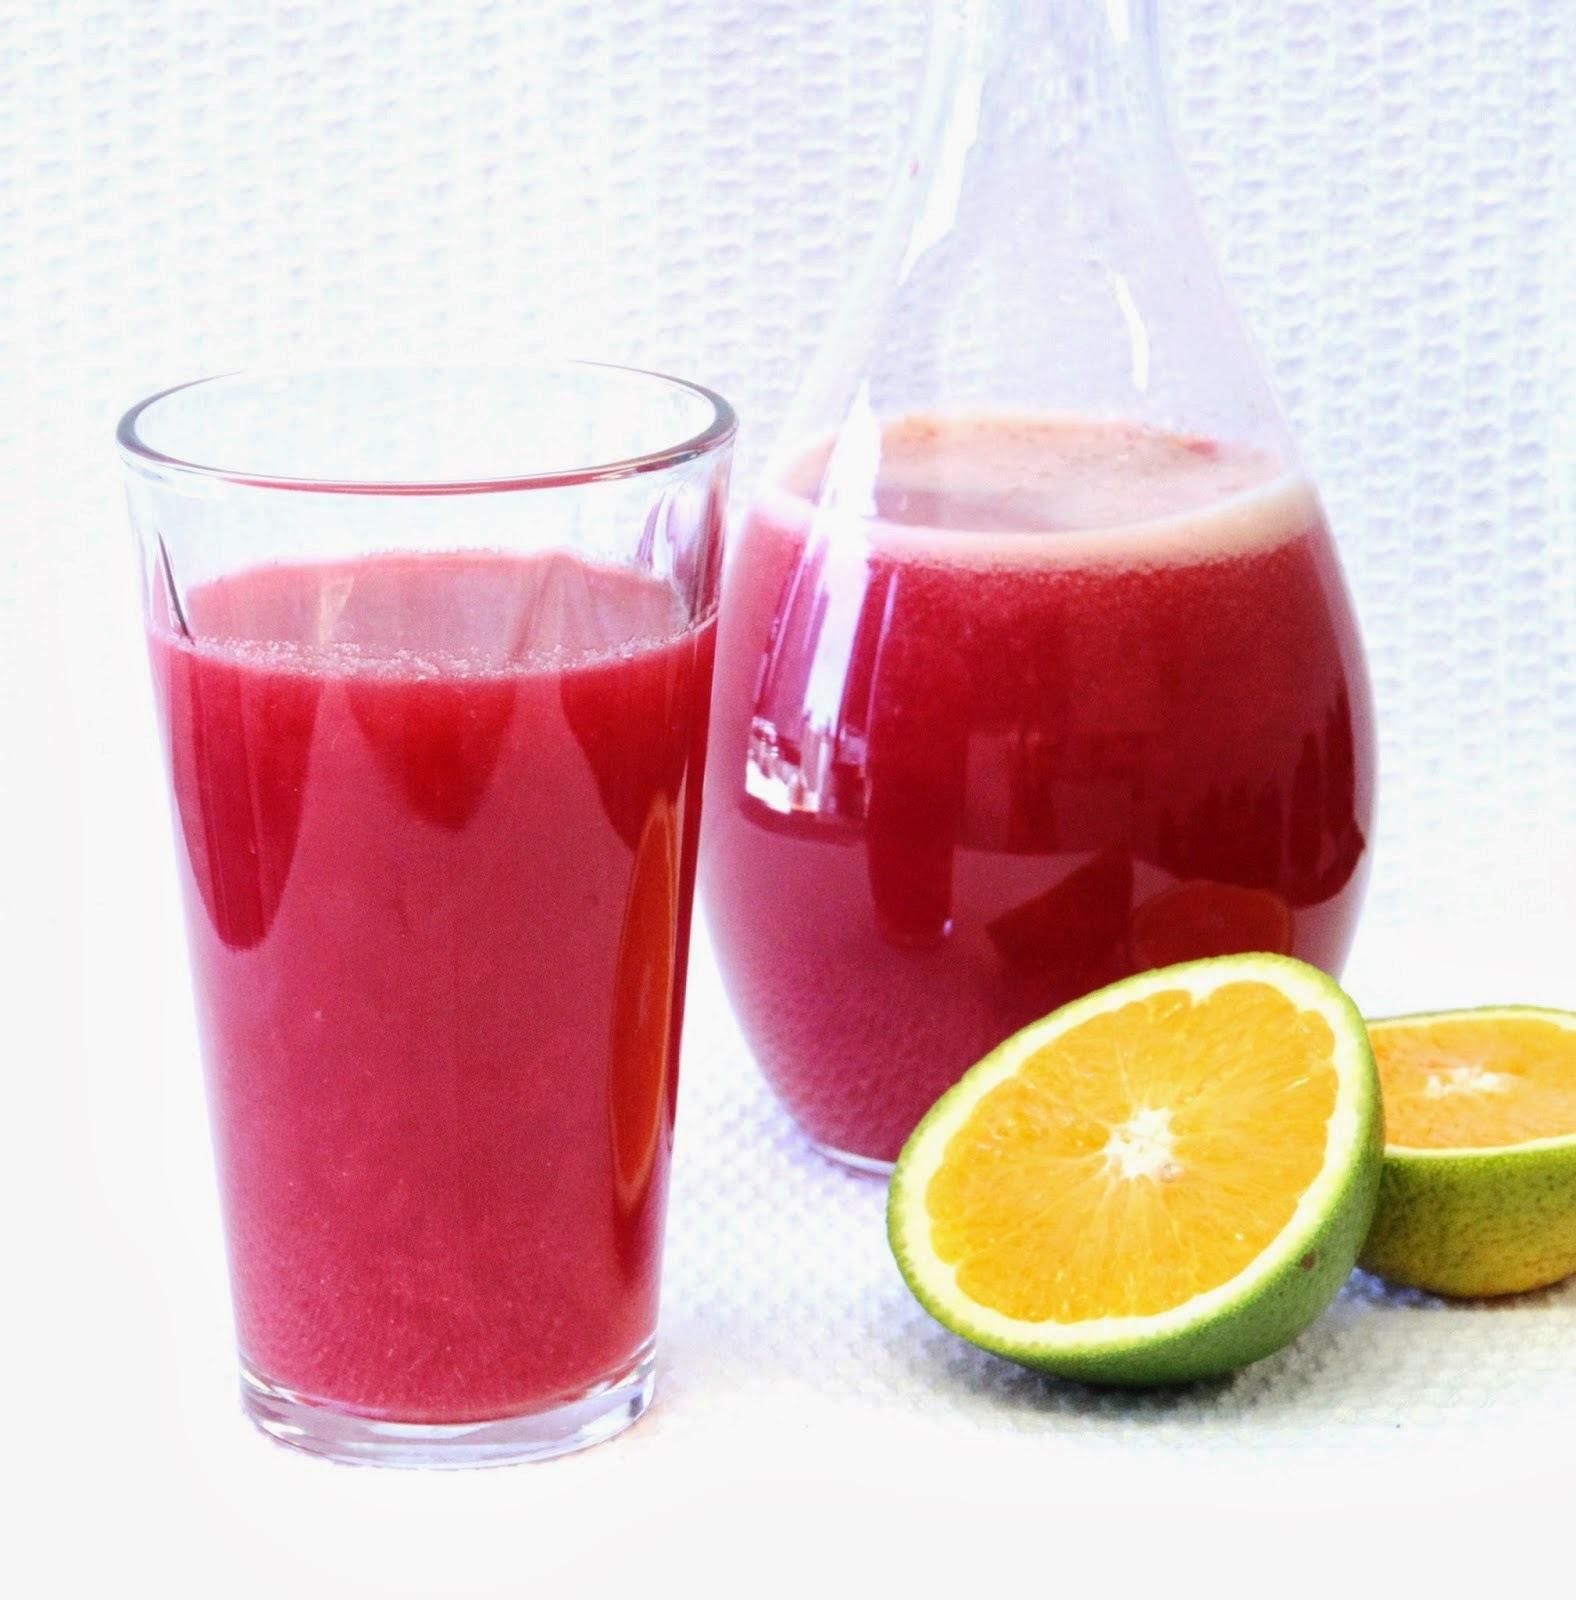 Dicas Saudáveis: Suco de Beterraba para melhorar o rendimento na atividade fisíca